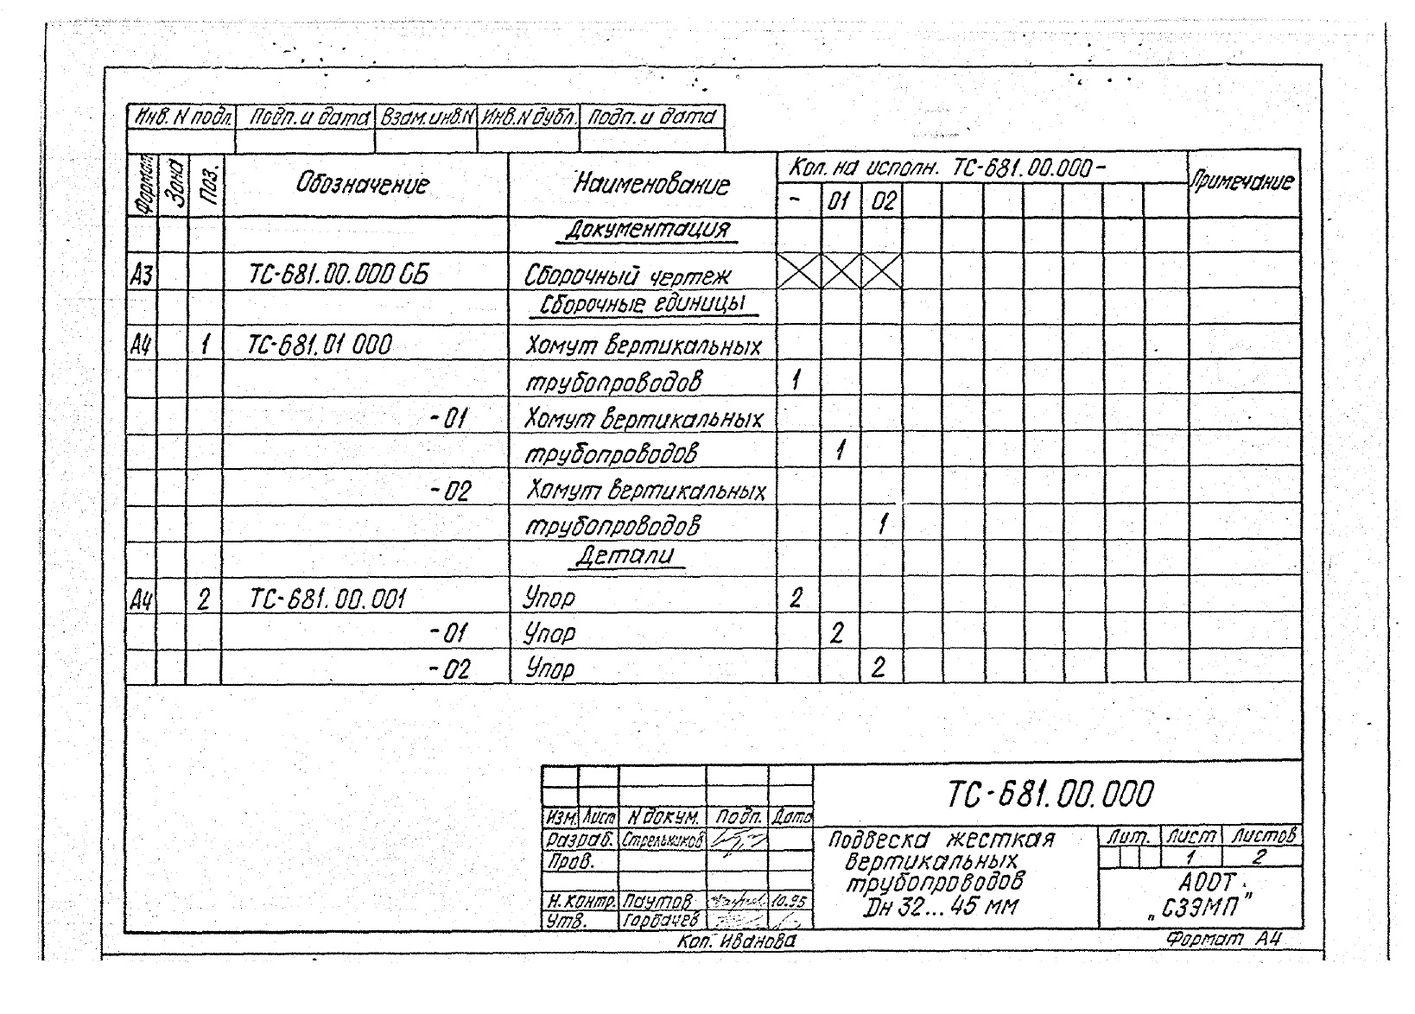 Подвески жесткие для вертикальных трубопроводов Дн 32-45 мм ТС-681.00.000 СБ серия 5.903-13 выпуск 6-95 стр.2